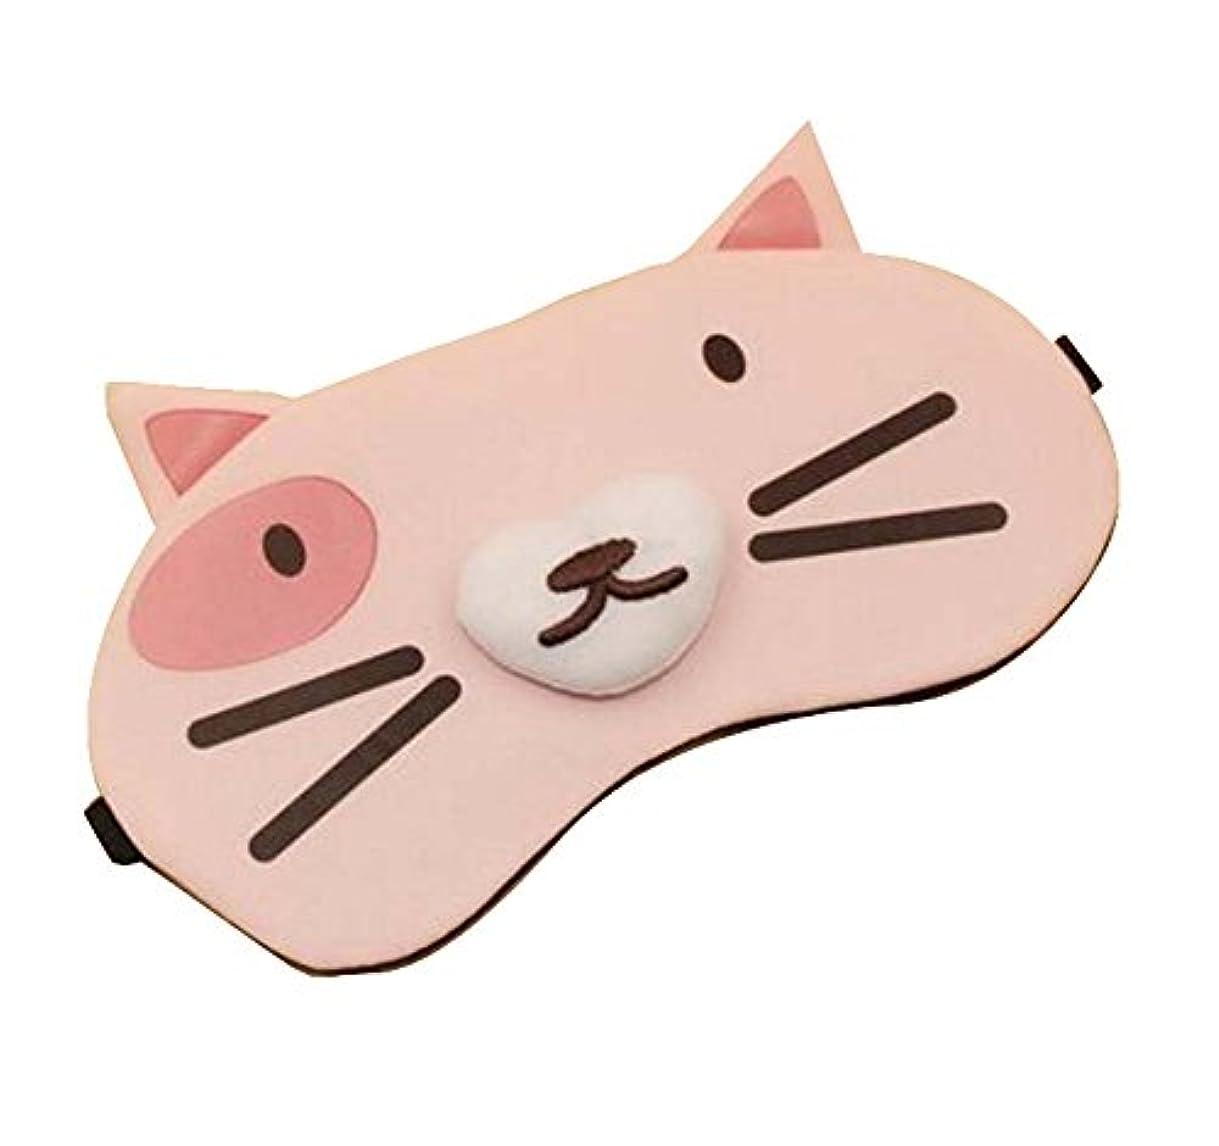 夜間宙返り指導するクリエイティブな漫画の形のアイマスクパーソナライズドアイシェイド、ピンクの猫